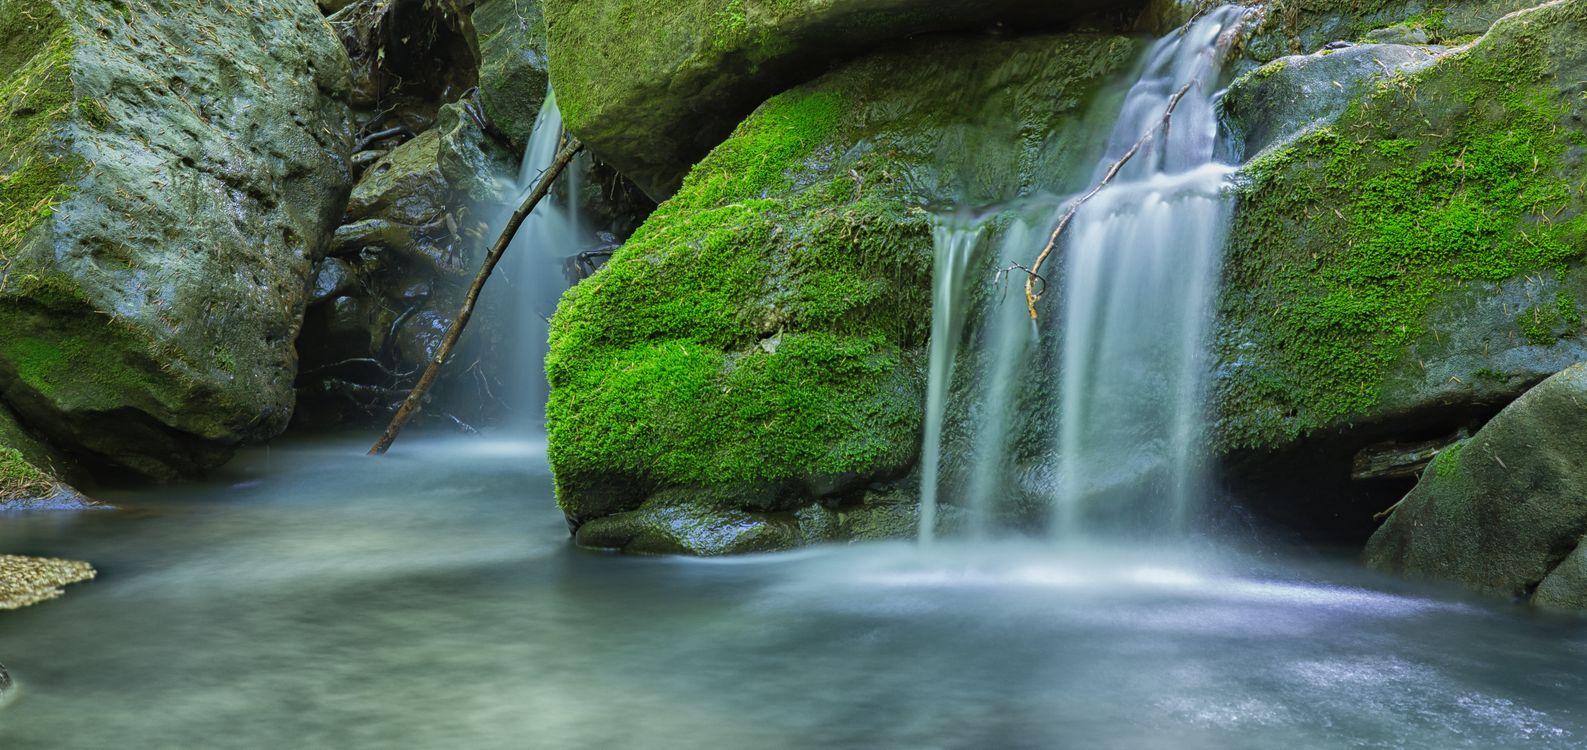 Фото бесплатно мшистый лес мох, скалы, водопад - на рабочий стол